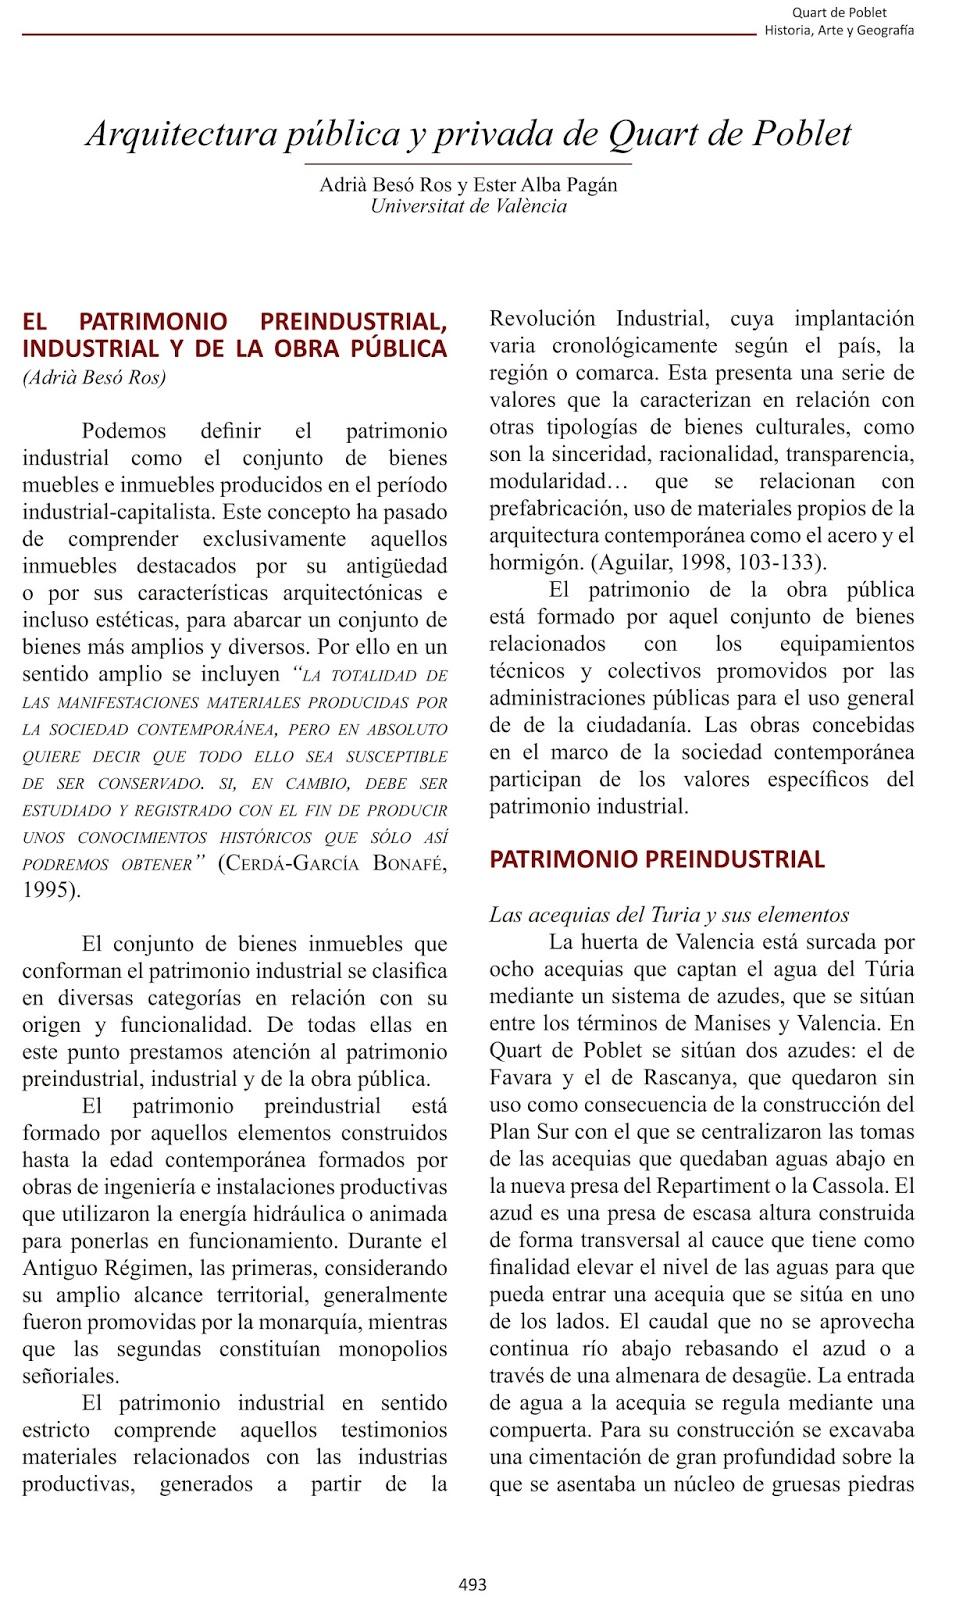 Patrimonio industrial arquitect nico documento de for Gimnasio quart de poblet